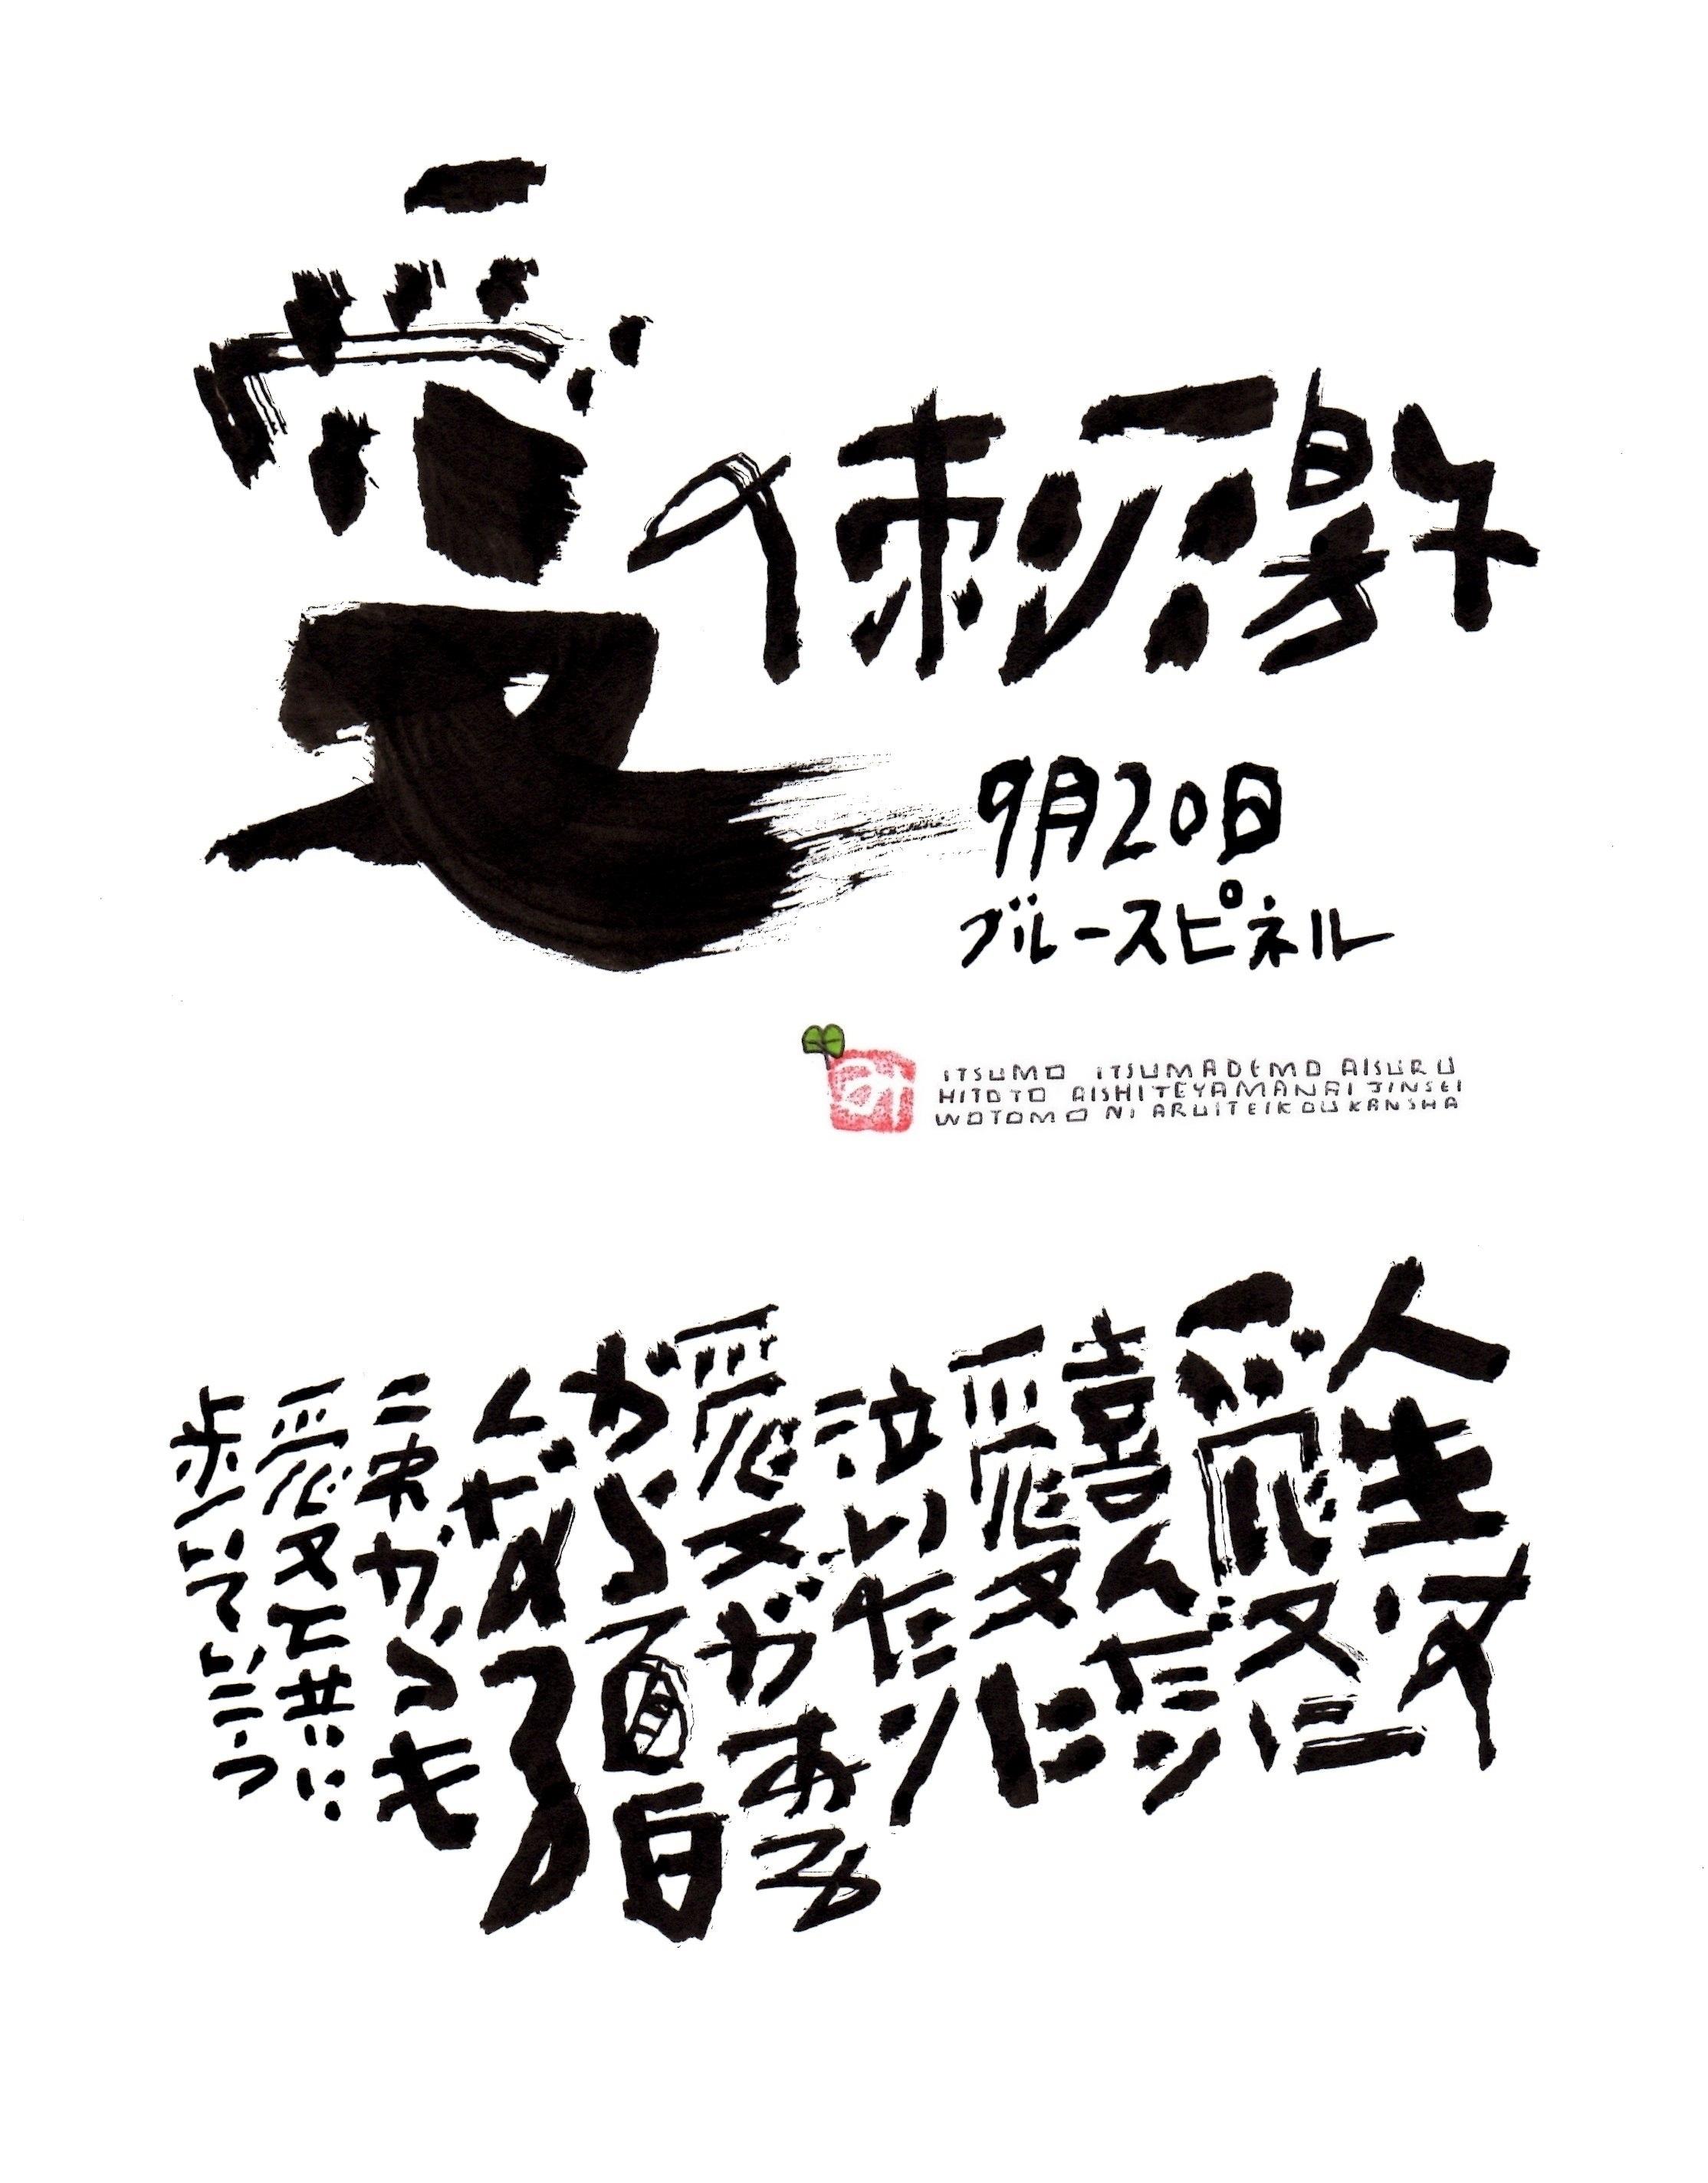 9月20日 結婚記念日ポストカード【愛の刺激】